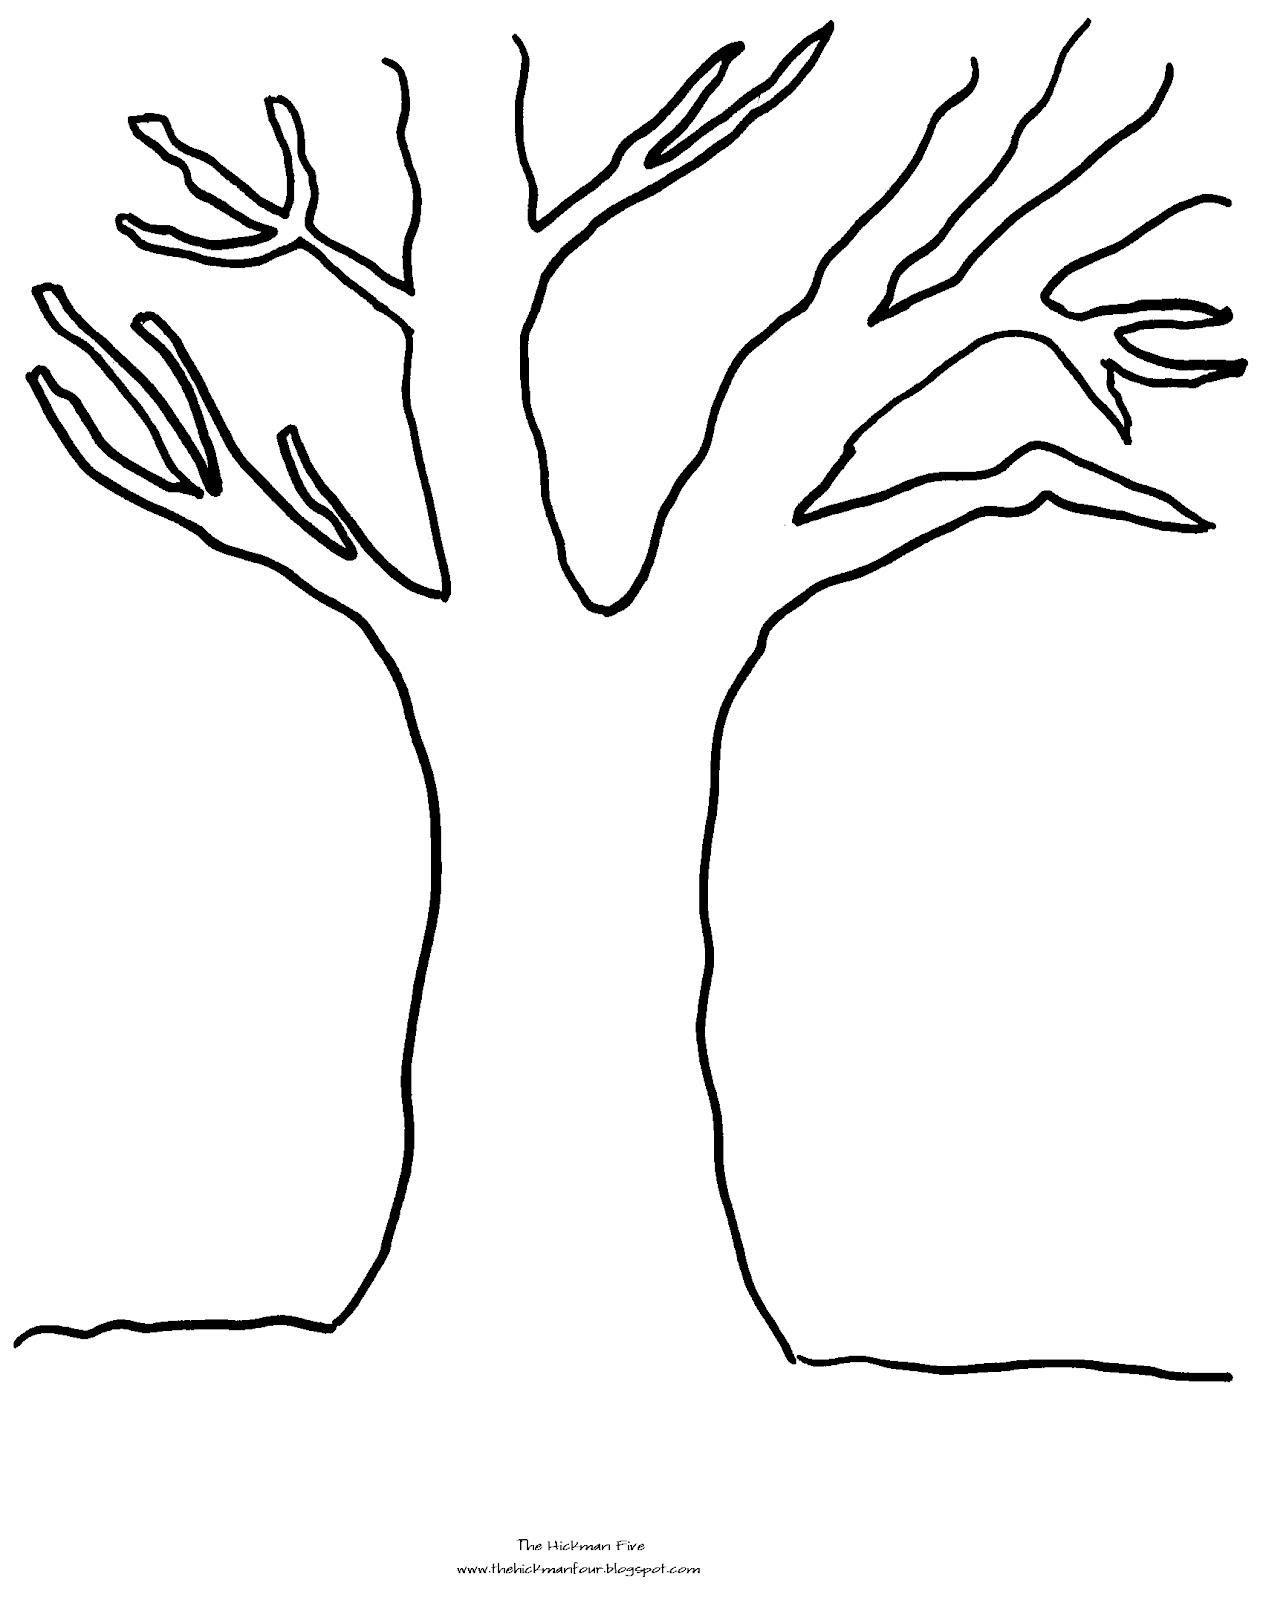 Ağaç şablonları Sınıf öğretmenleri Için ücretsiz özgün Etkinlikler